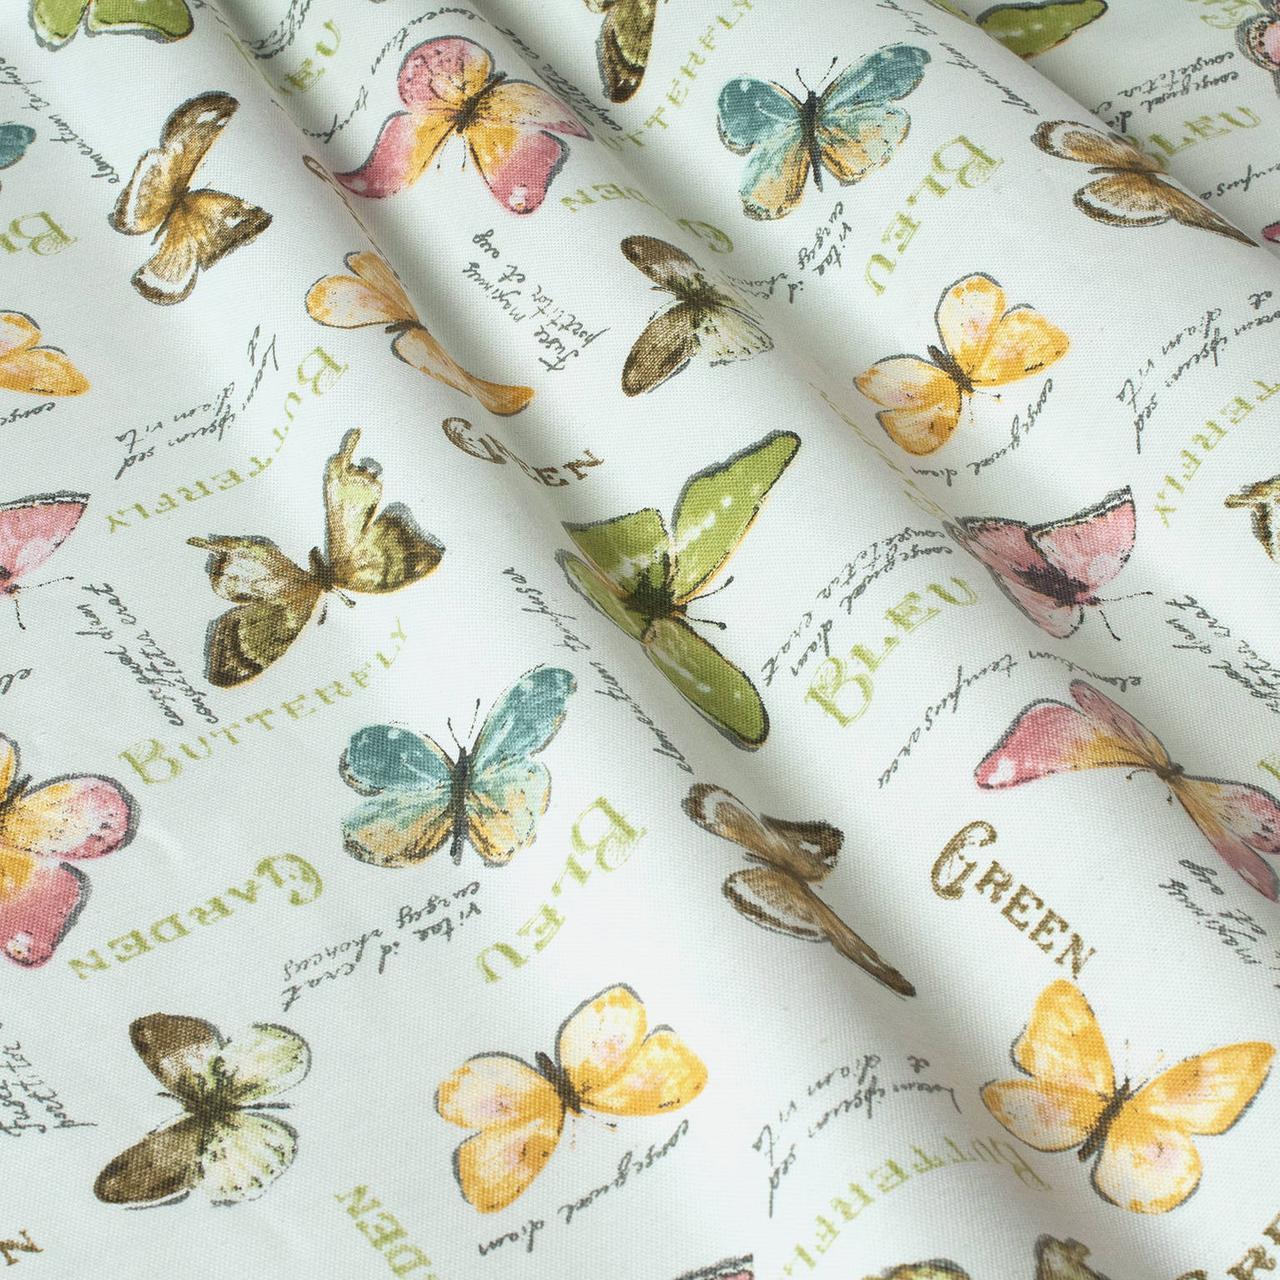 Декоративна тканина кольорові метелики пастель Туреччина 87982v16